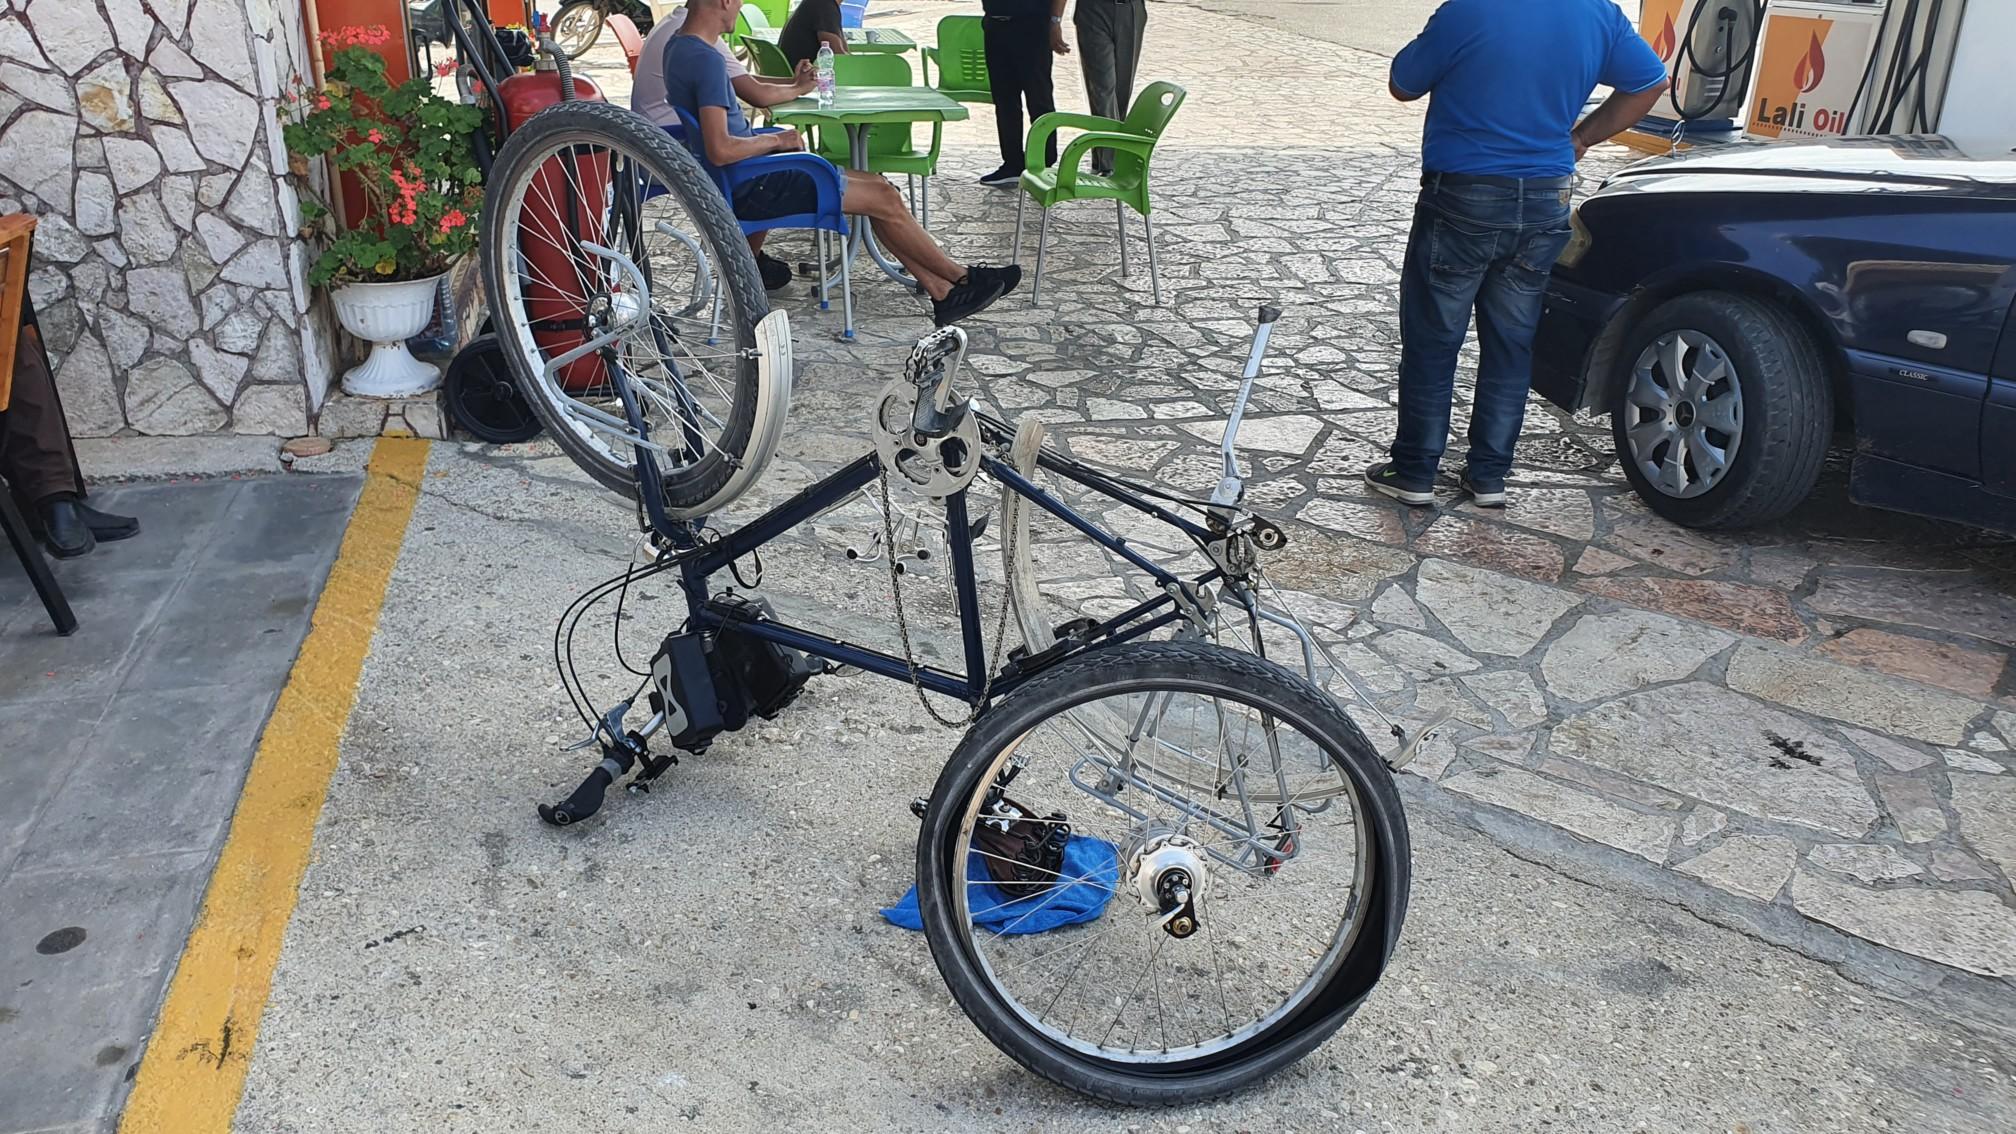 Fahrradreparatur vor der Grenze Albanien Griechenland